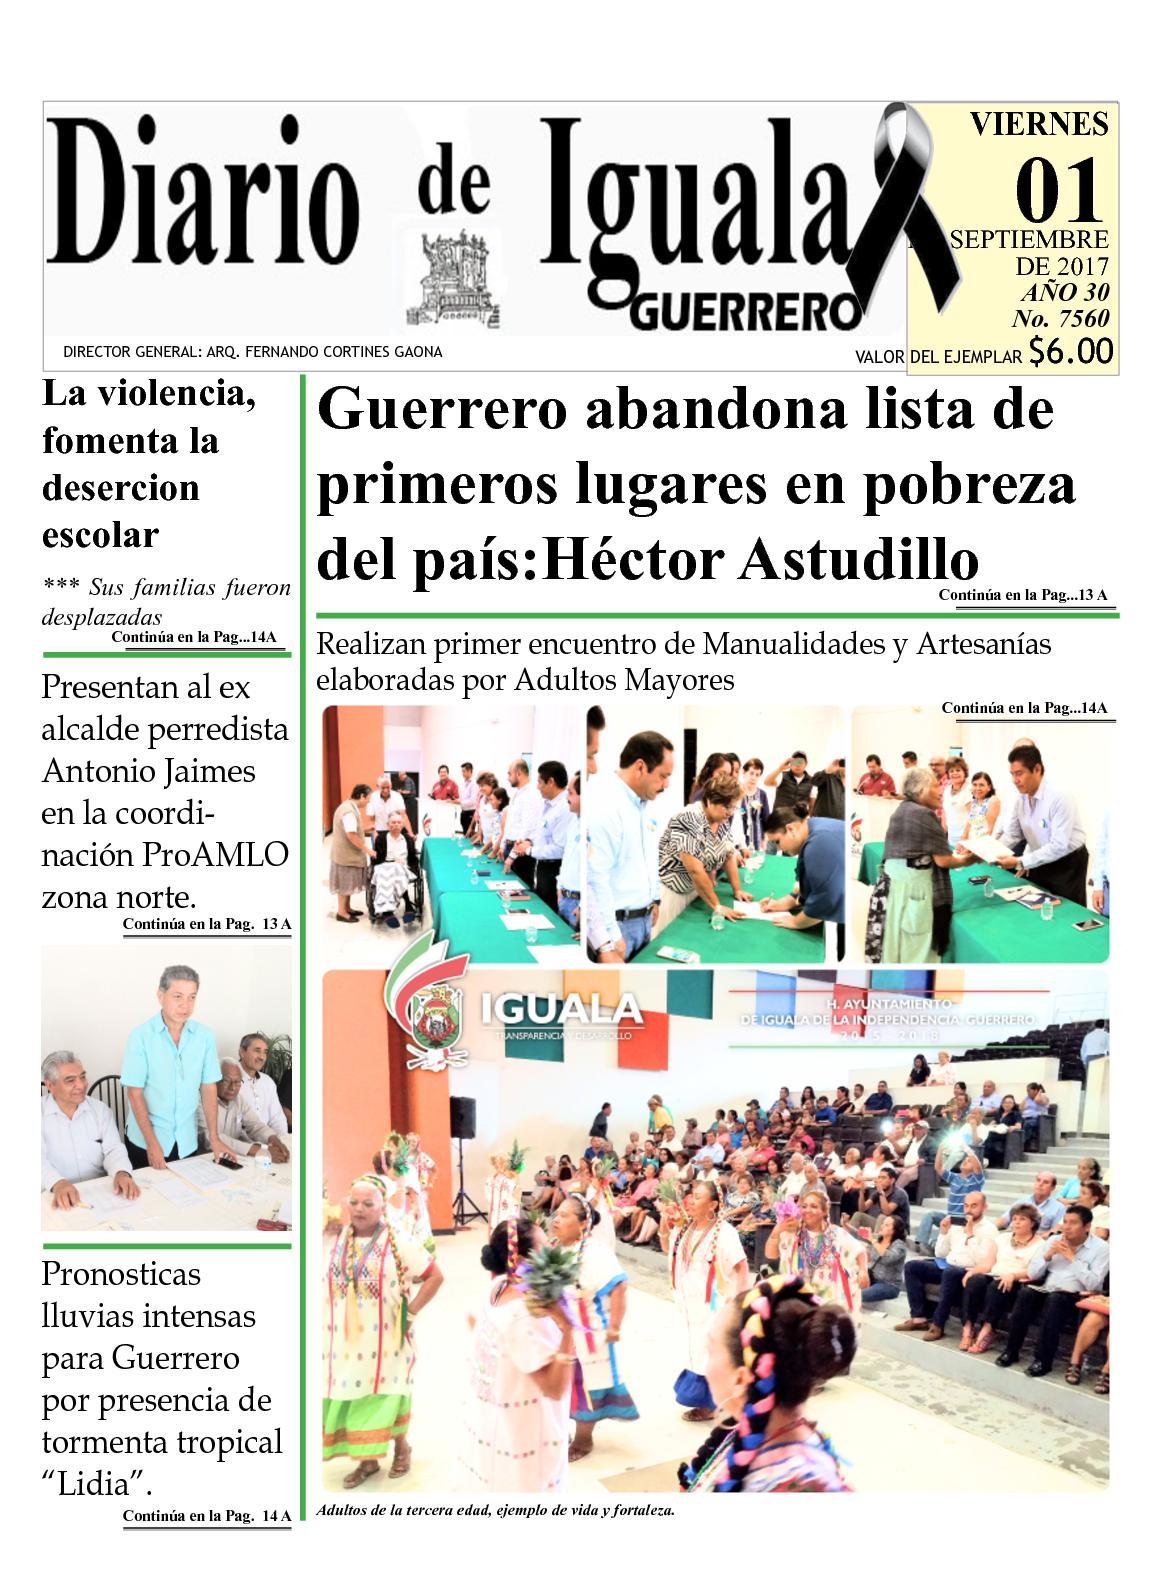 Diario De Iguala Viernes 01 De Septiembre De 2017